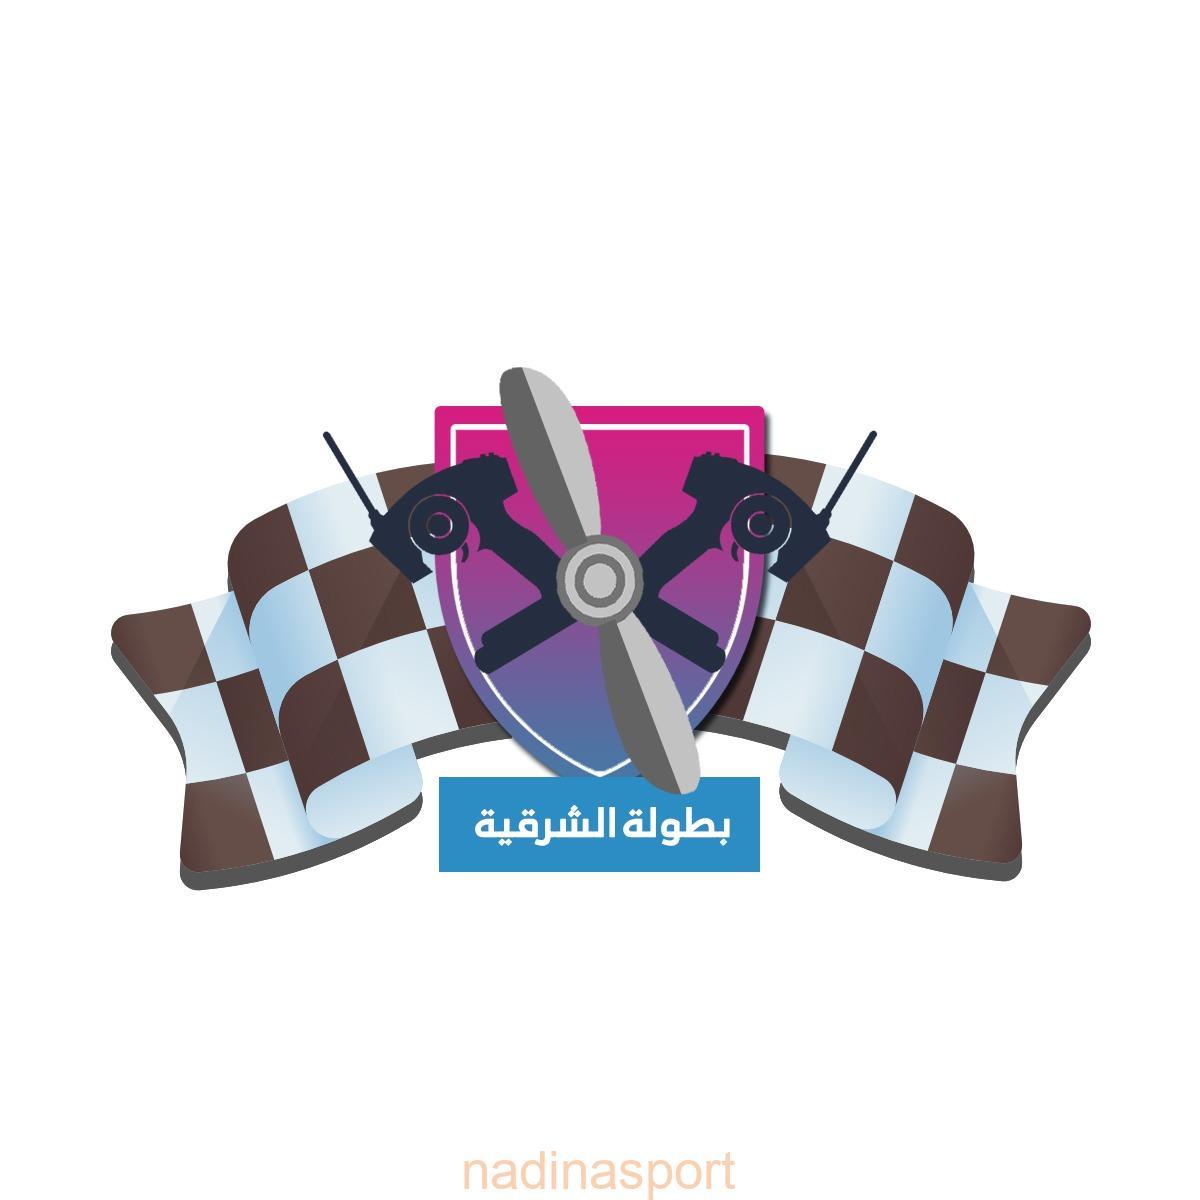 الخبر تستضيف بطولة الشرقية للرياضات اللاسلكية